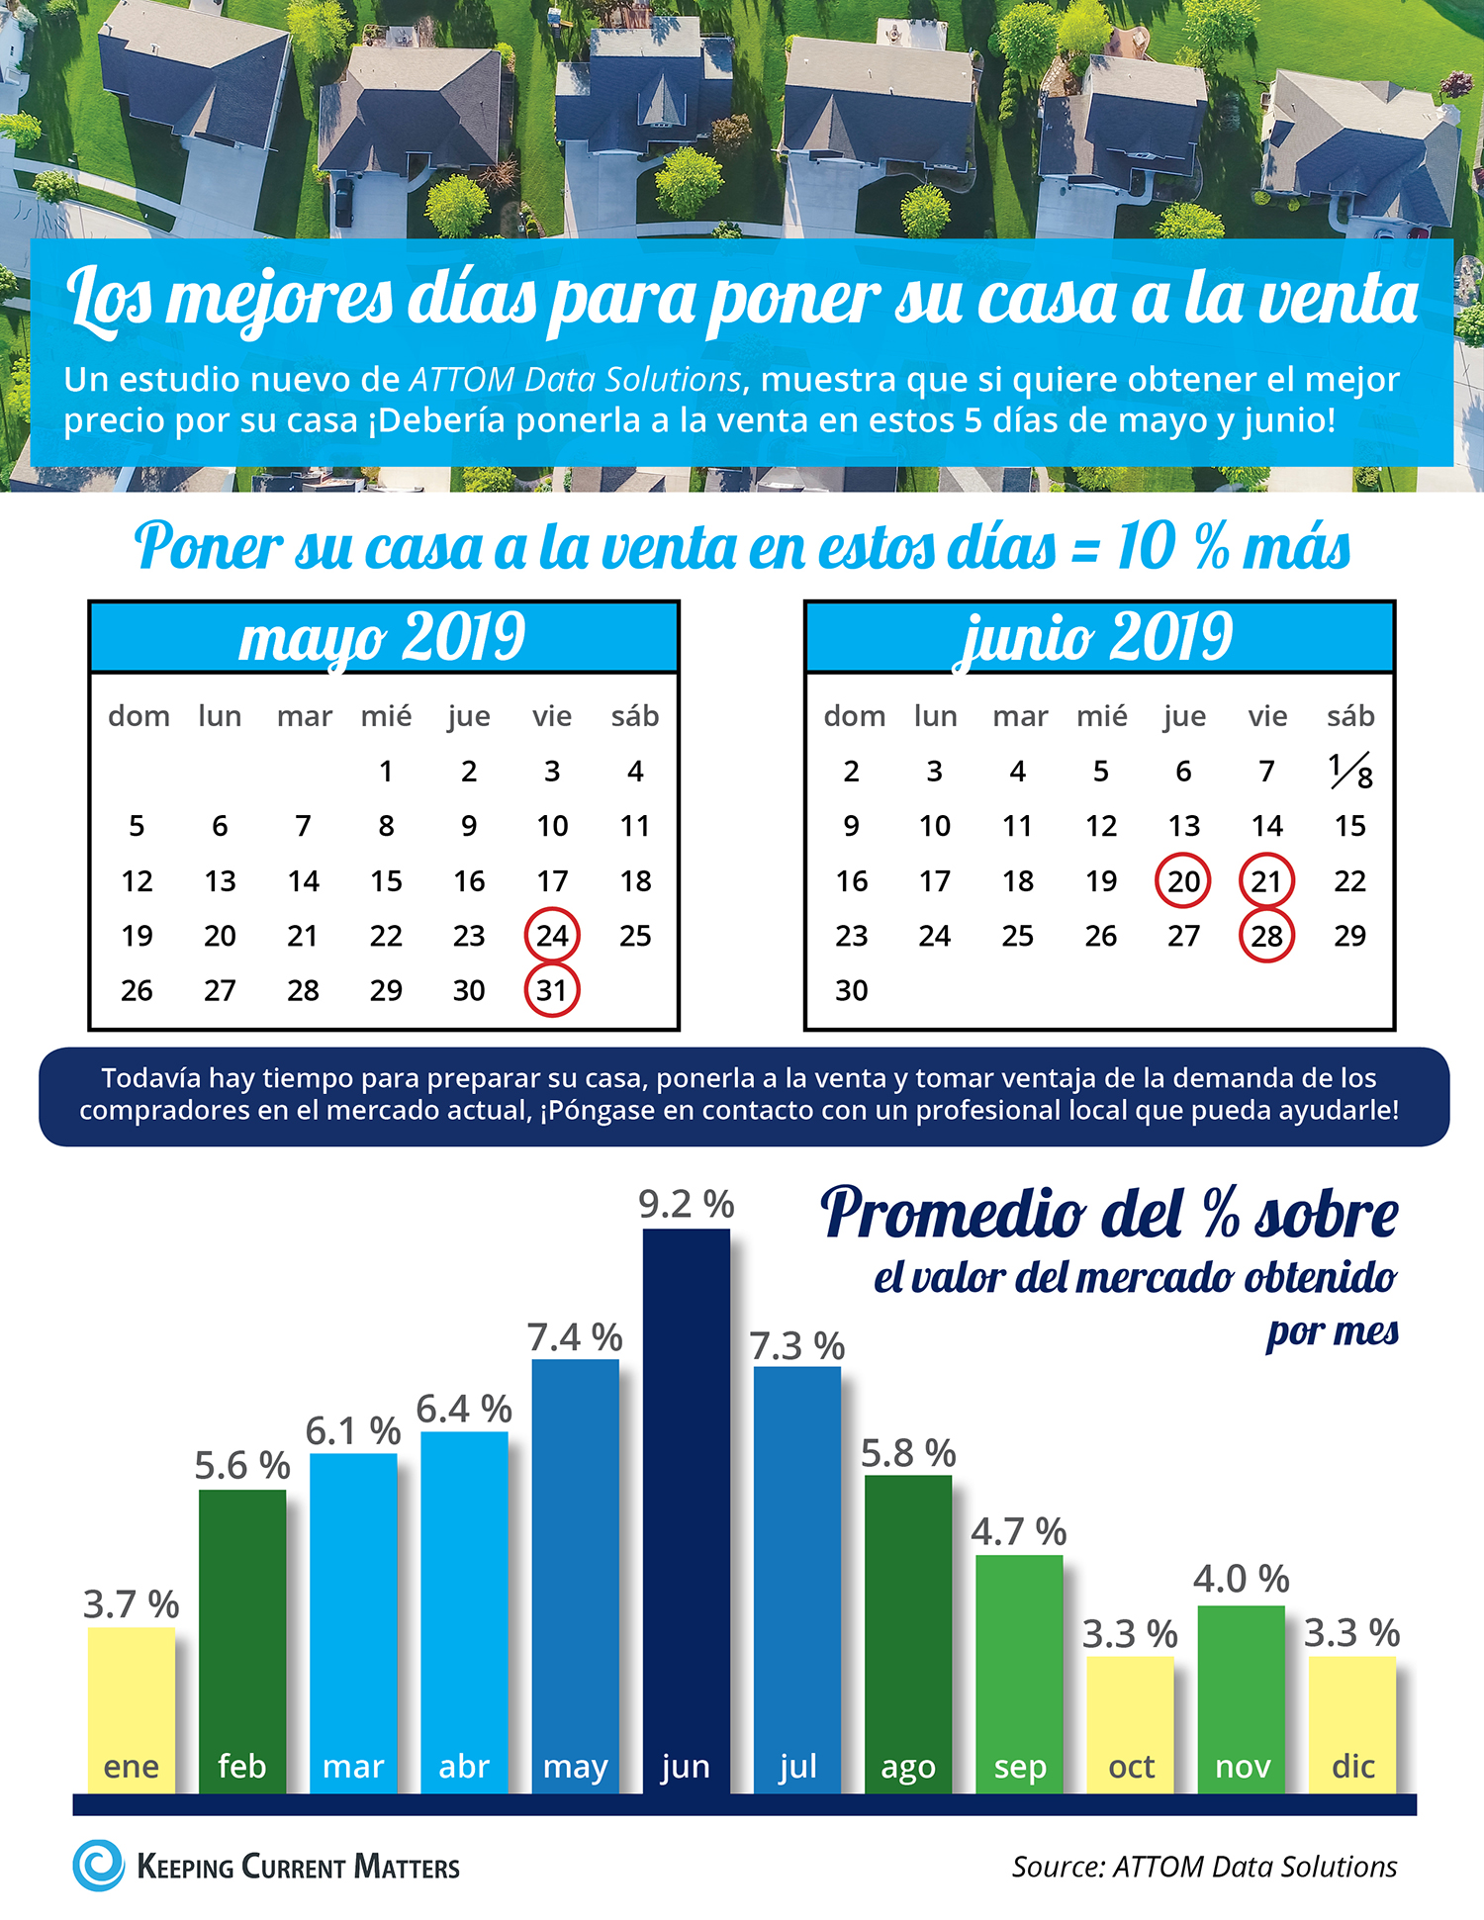 Los mejores días para poner su casa a la venta [infografía] | Keeping Current Matters